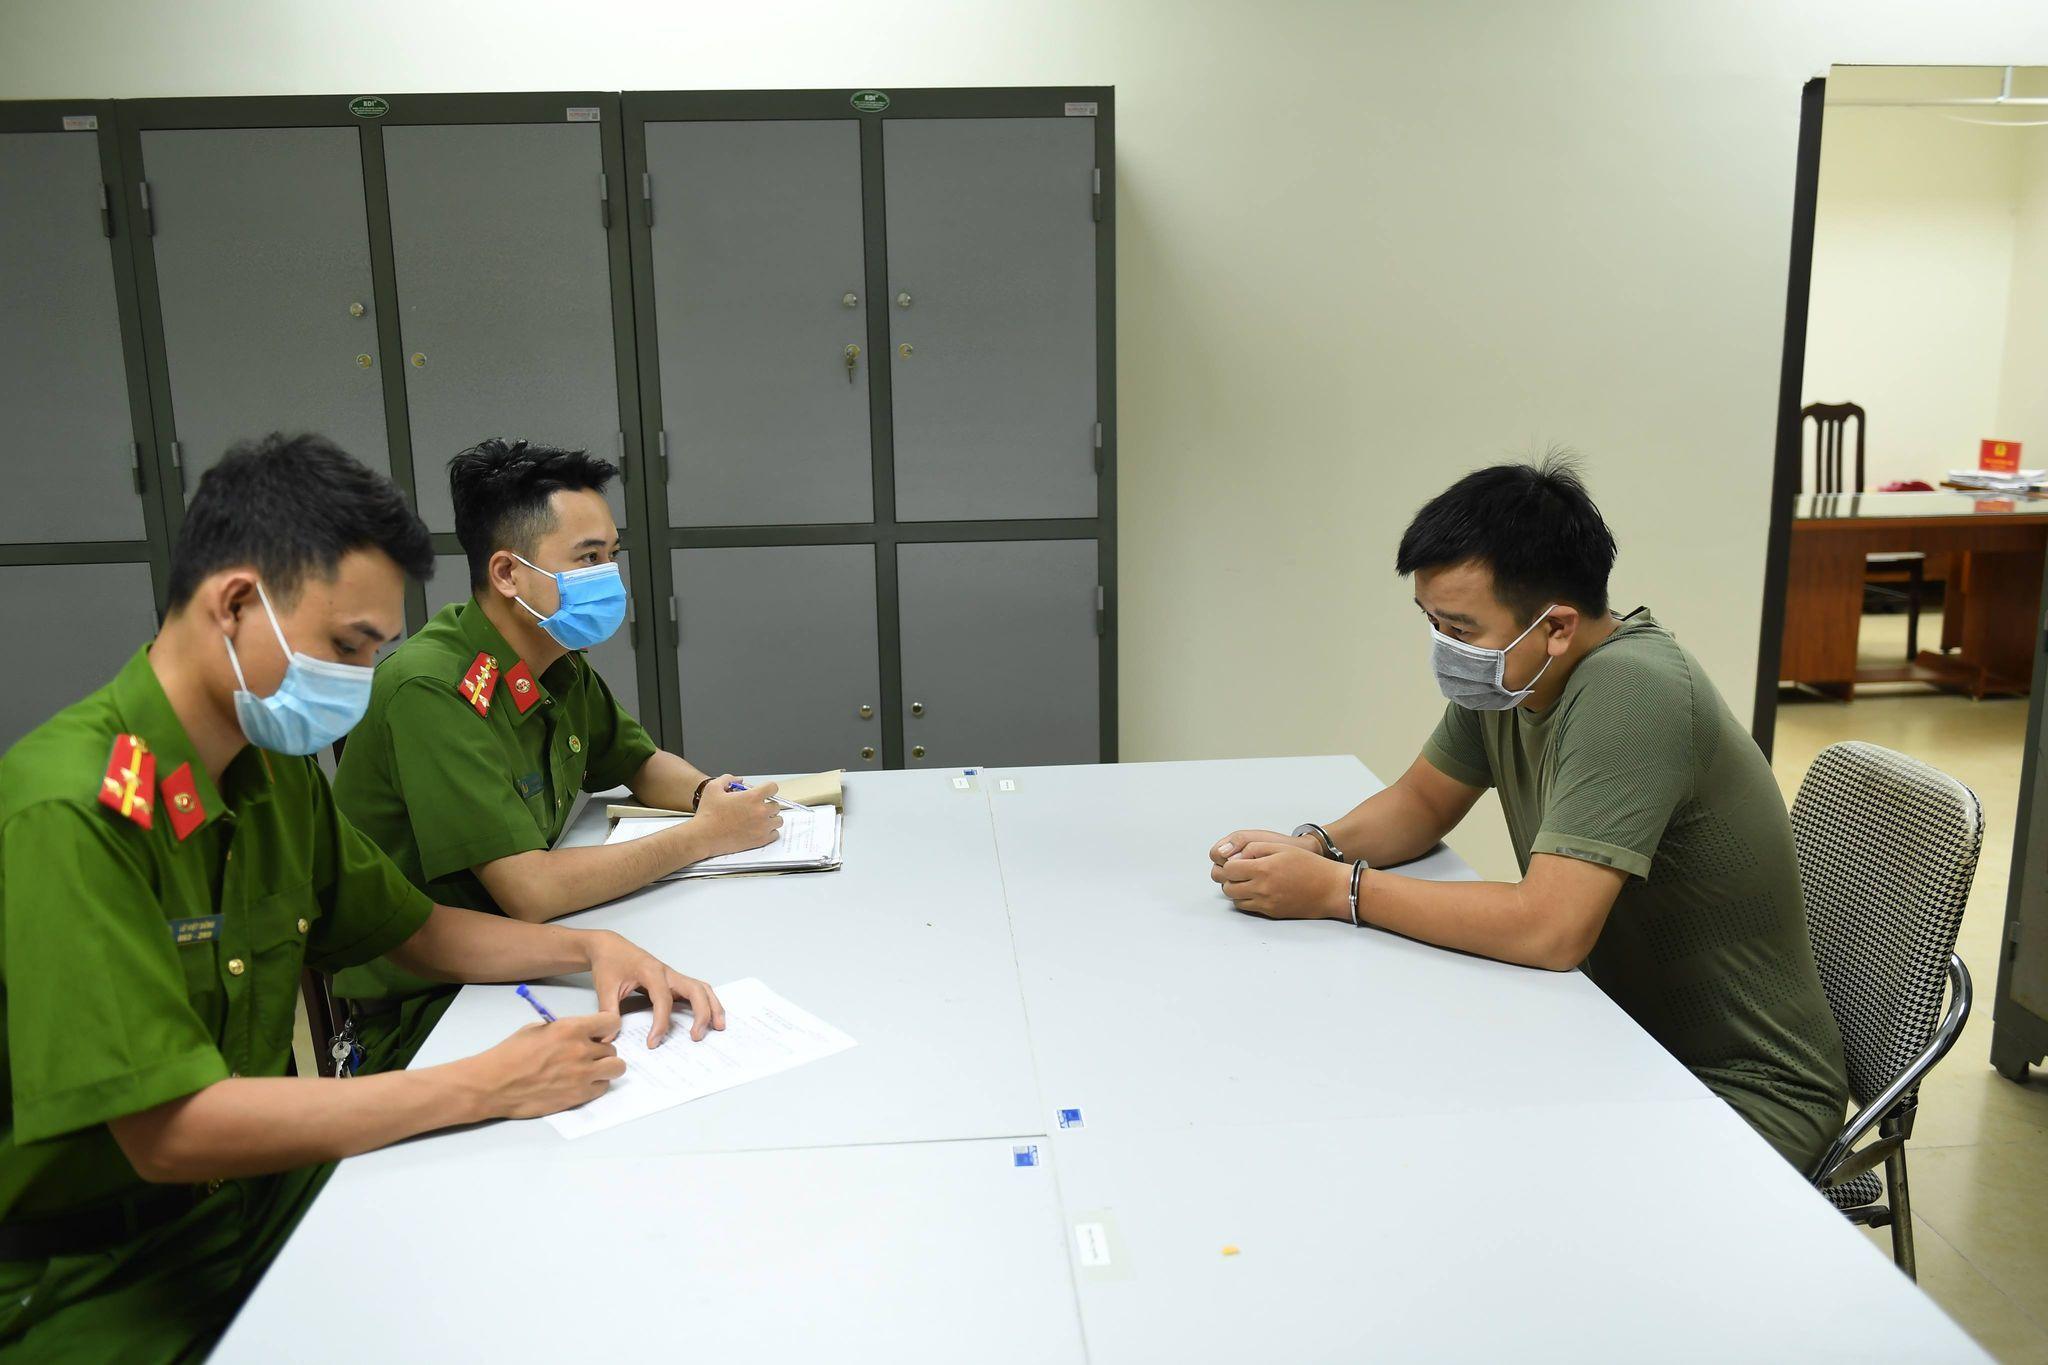 Hà Nội: Xóa sổ đường dây tổ chức đánh bạc qua mạng quy mô lớn